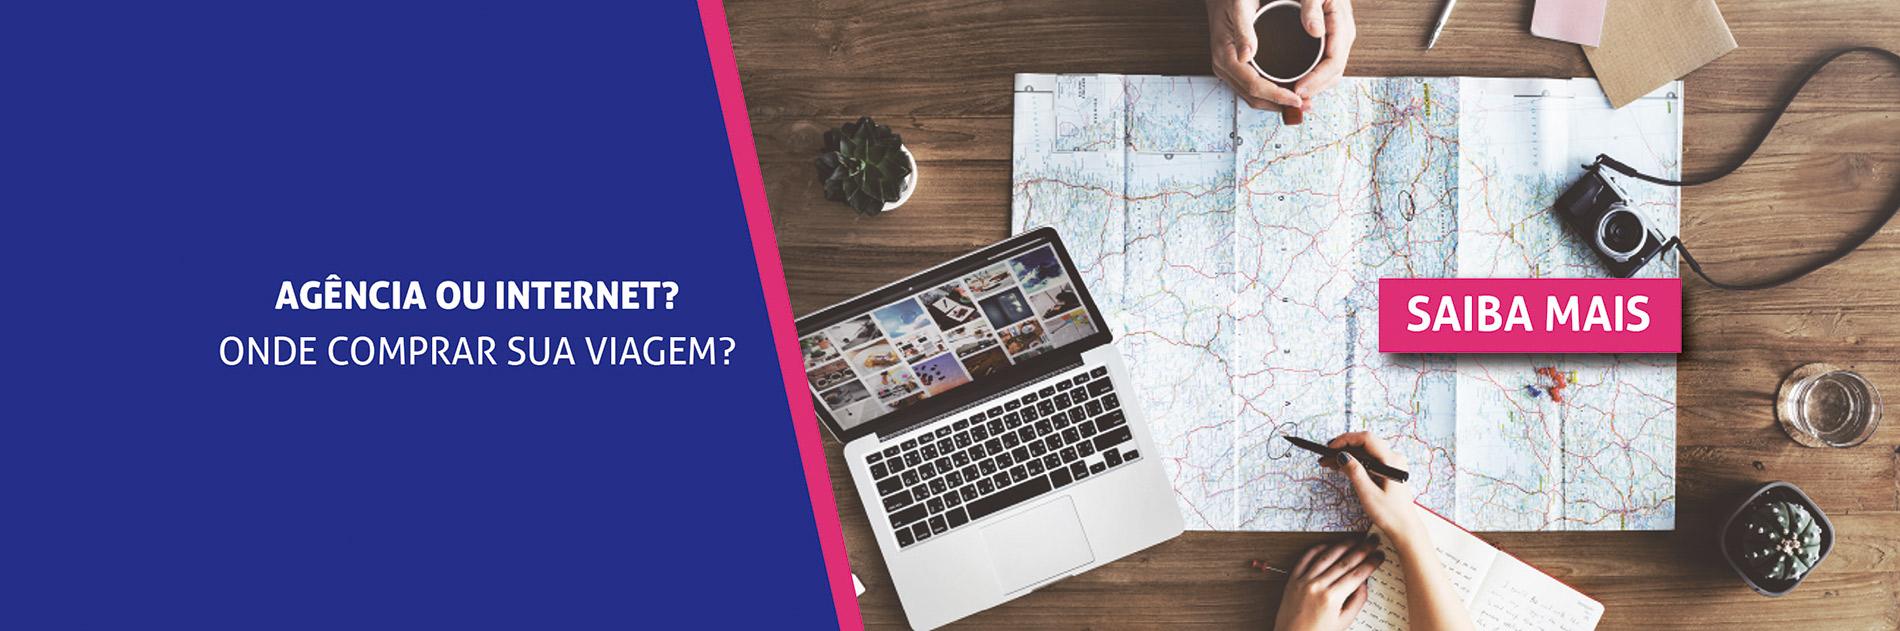 Agencia ou Internet? Onde comprar sua viagem?